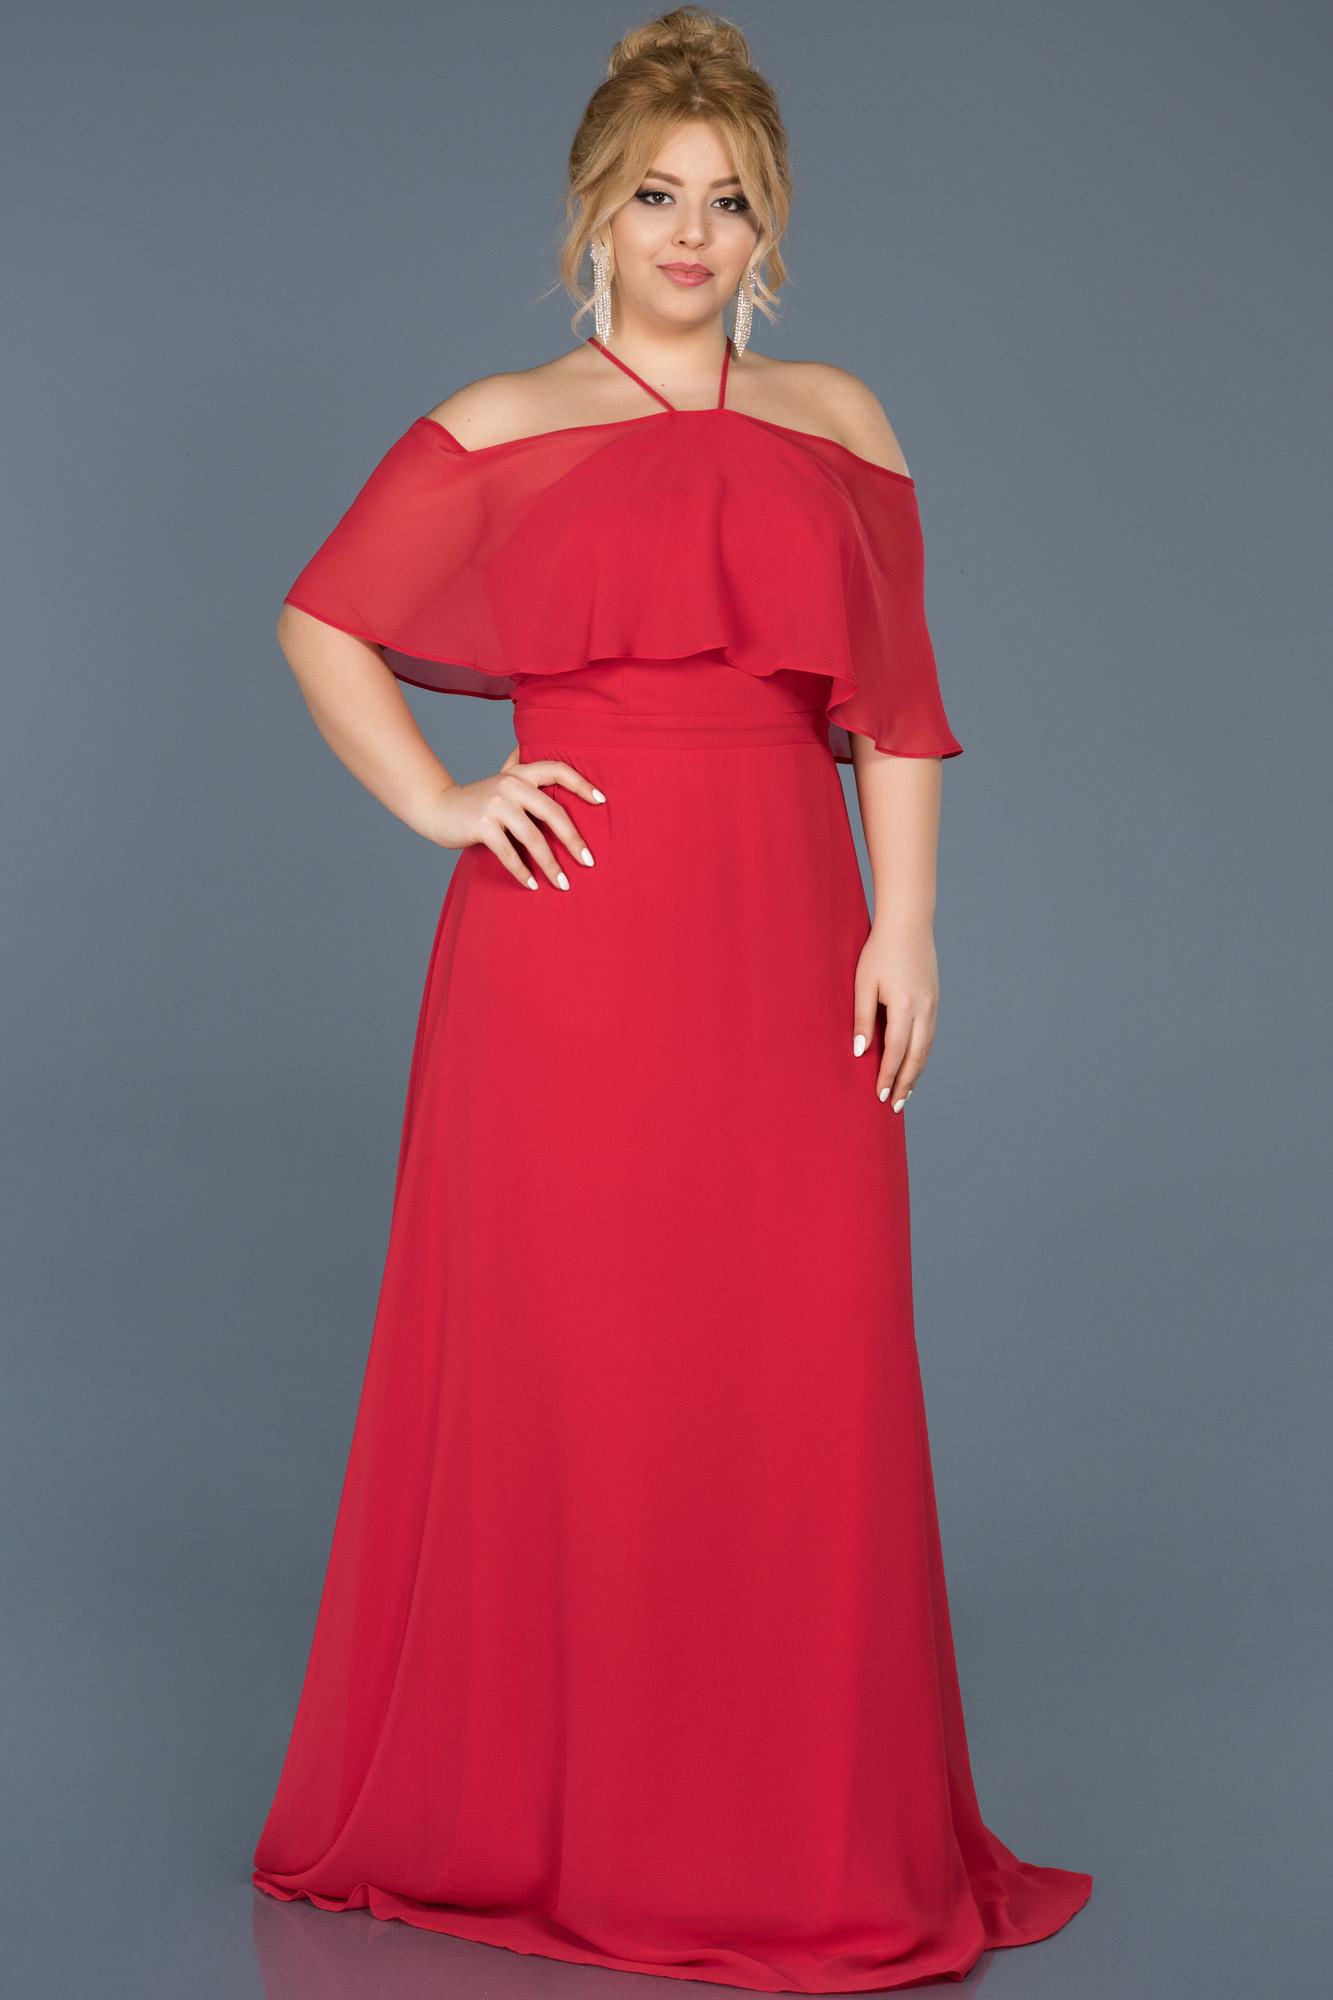 Kırmızı Şifon Büyük Beden Abiye Elbise